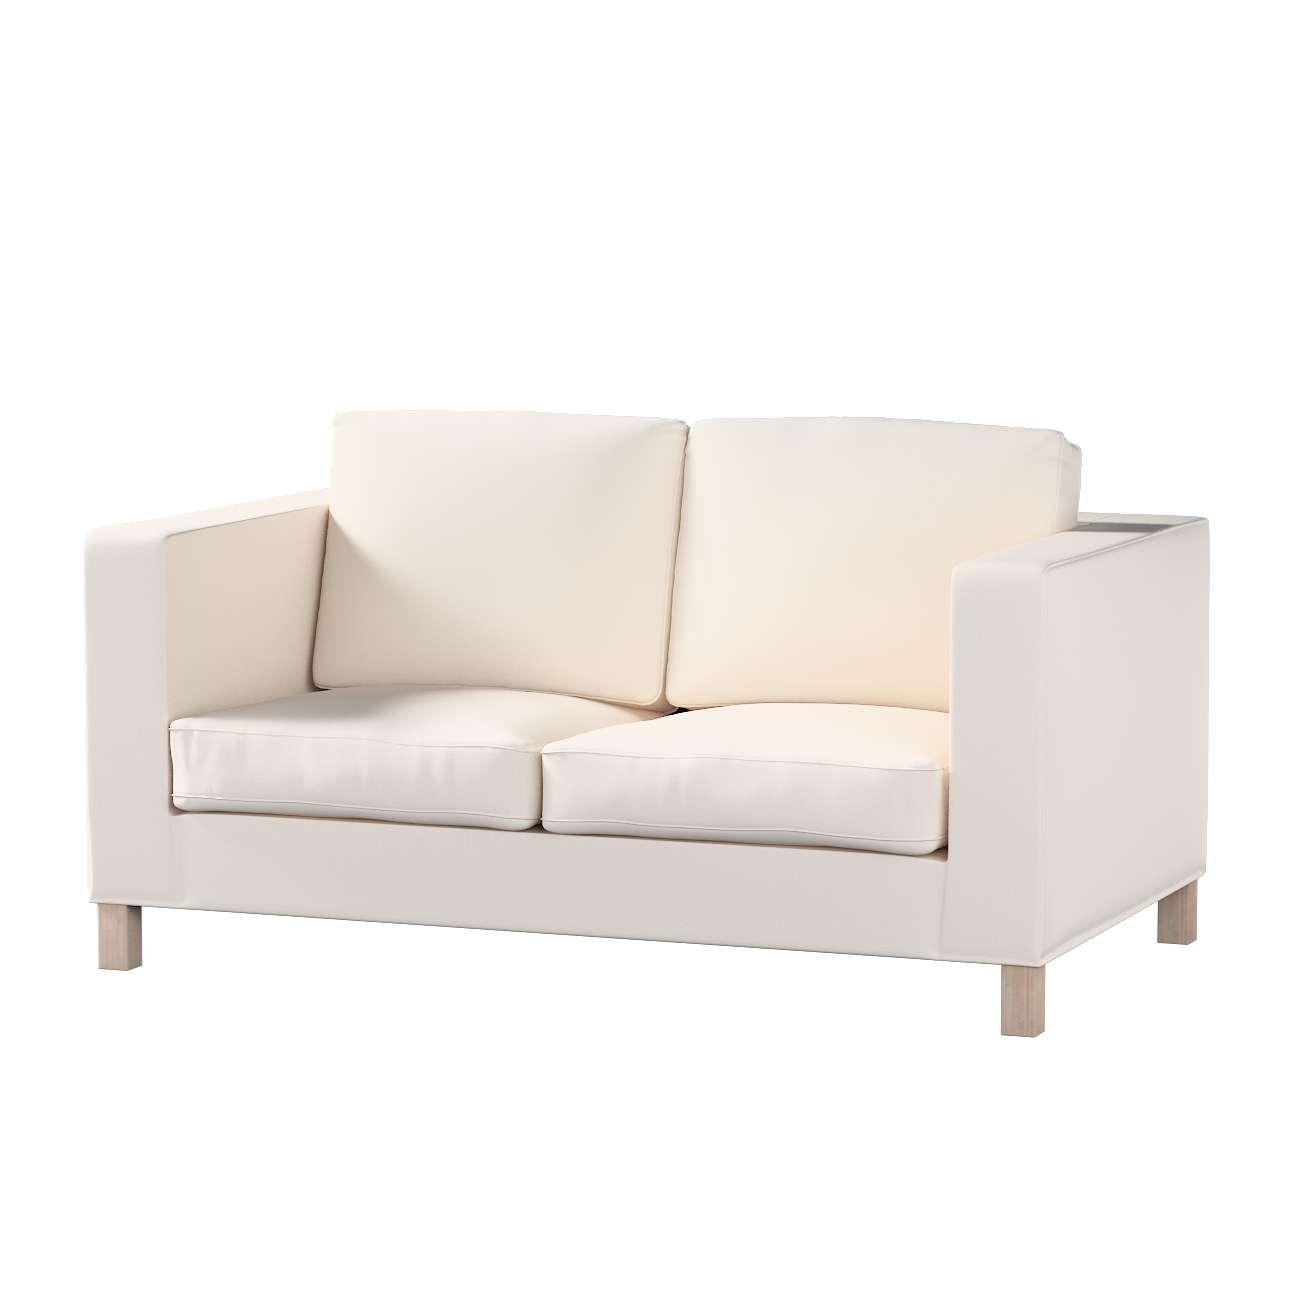 KARLANDA dvivietės sofos užvalkalas KARLANDA dvivietės sofos užvalkalas kolekcijoje Etna , audinys: 705-01